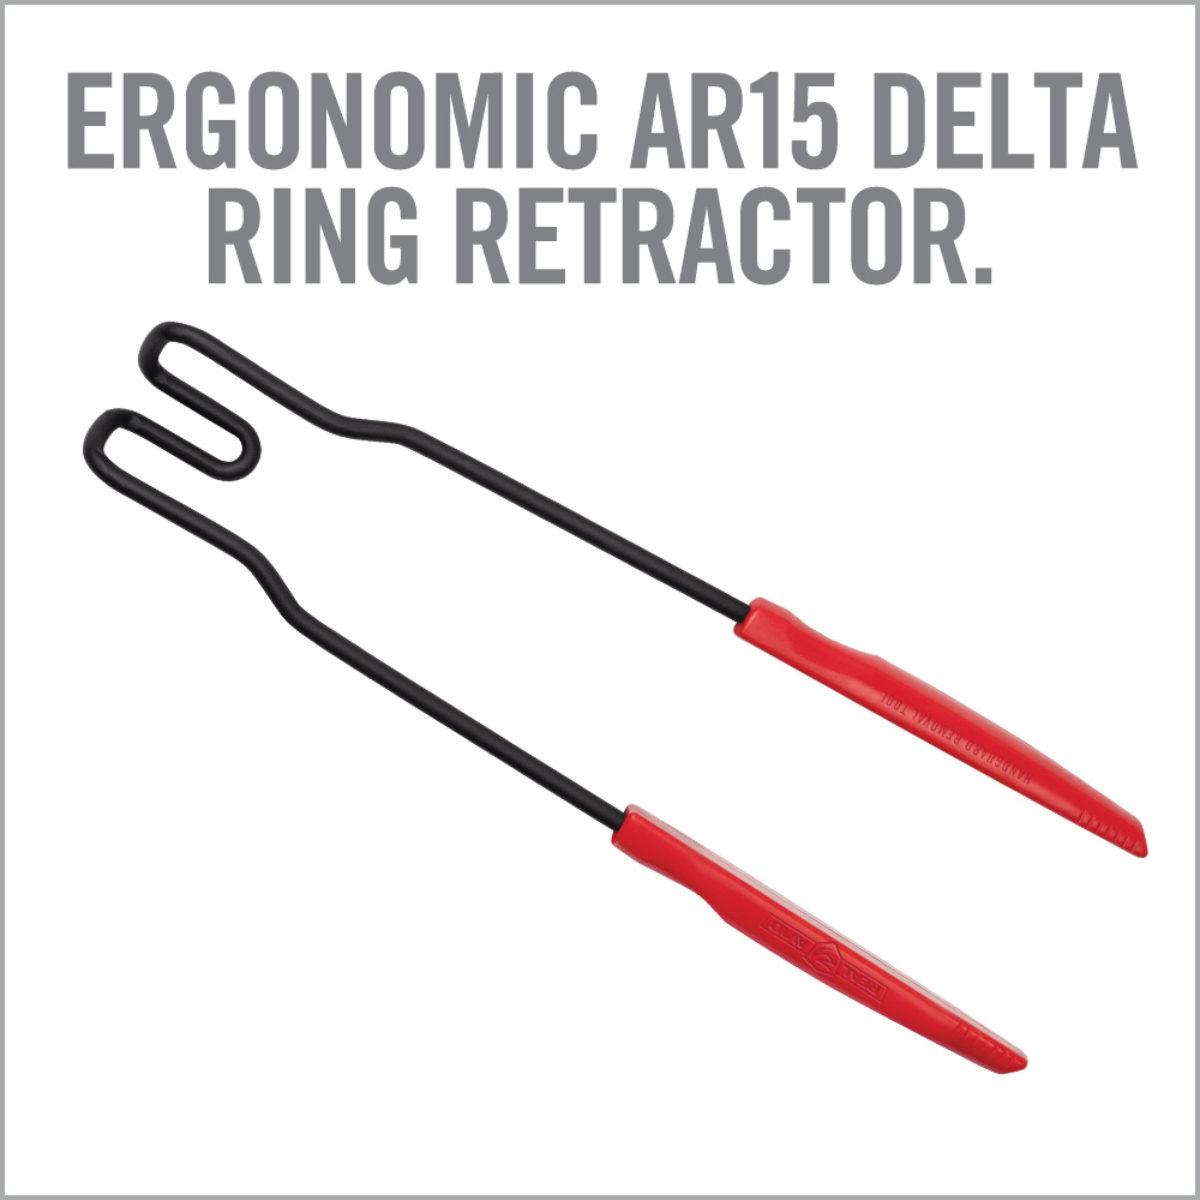 Real Avid AR15 Delta Ring Retractor